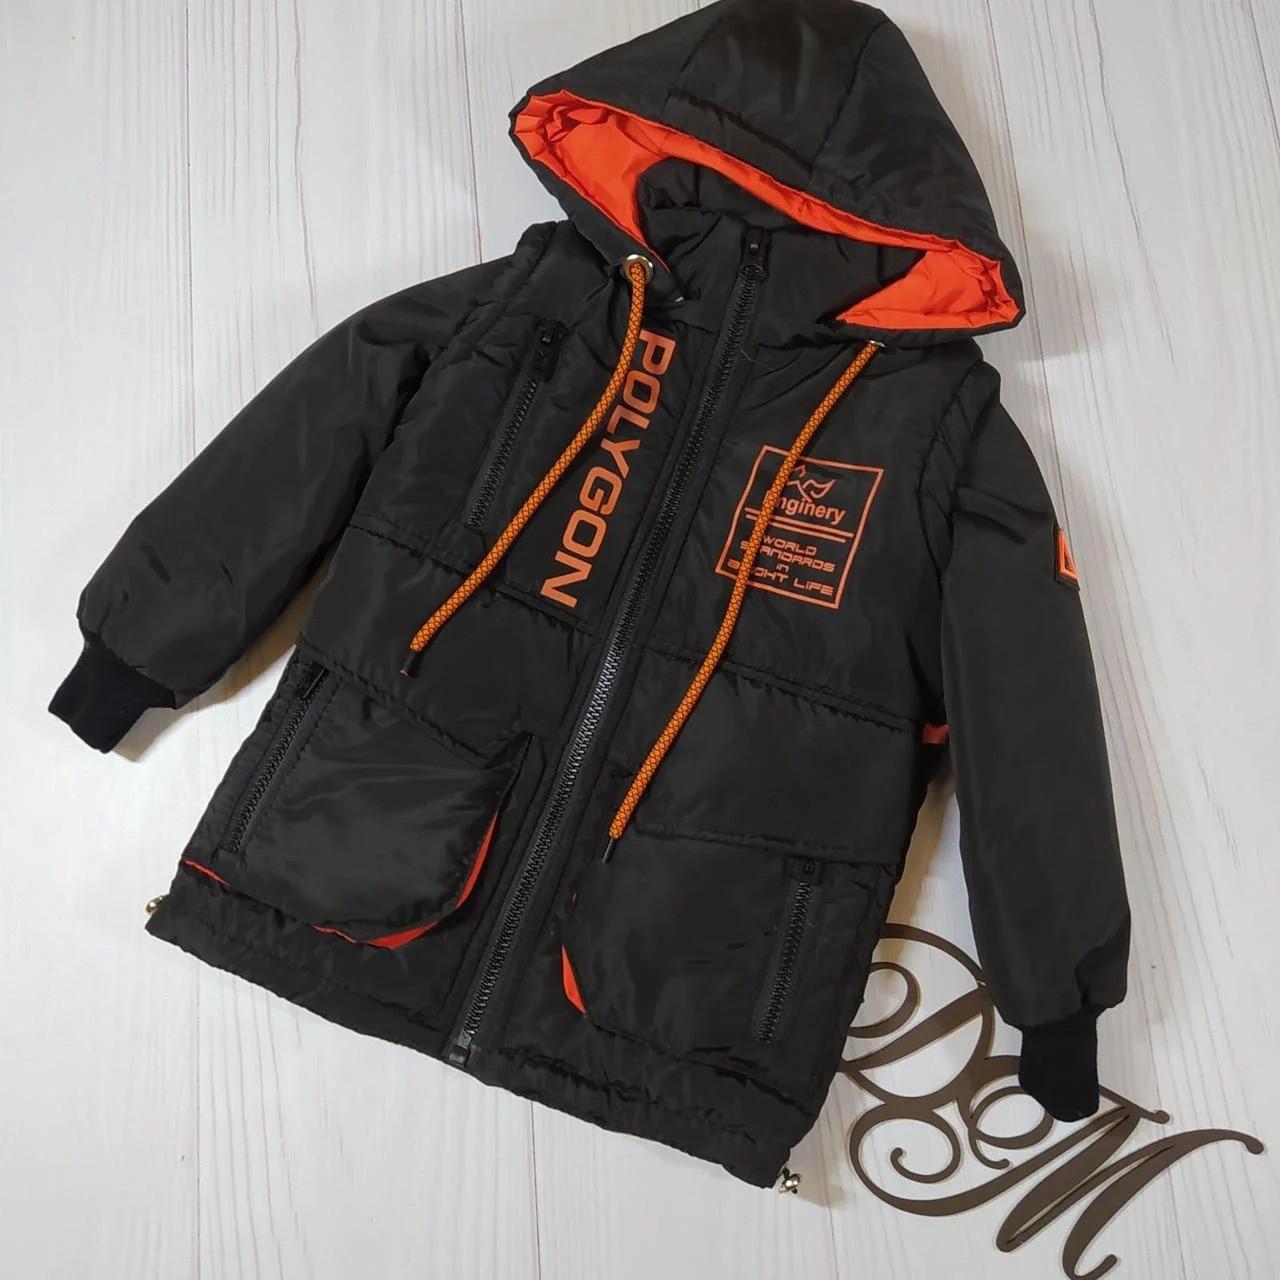 """Куртка жилет для мальчика демисезонная """"Энерджи"""" черная с оранжевым 110"""